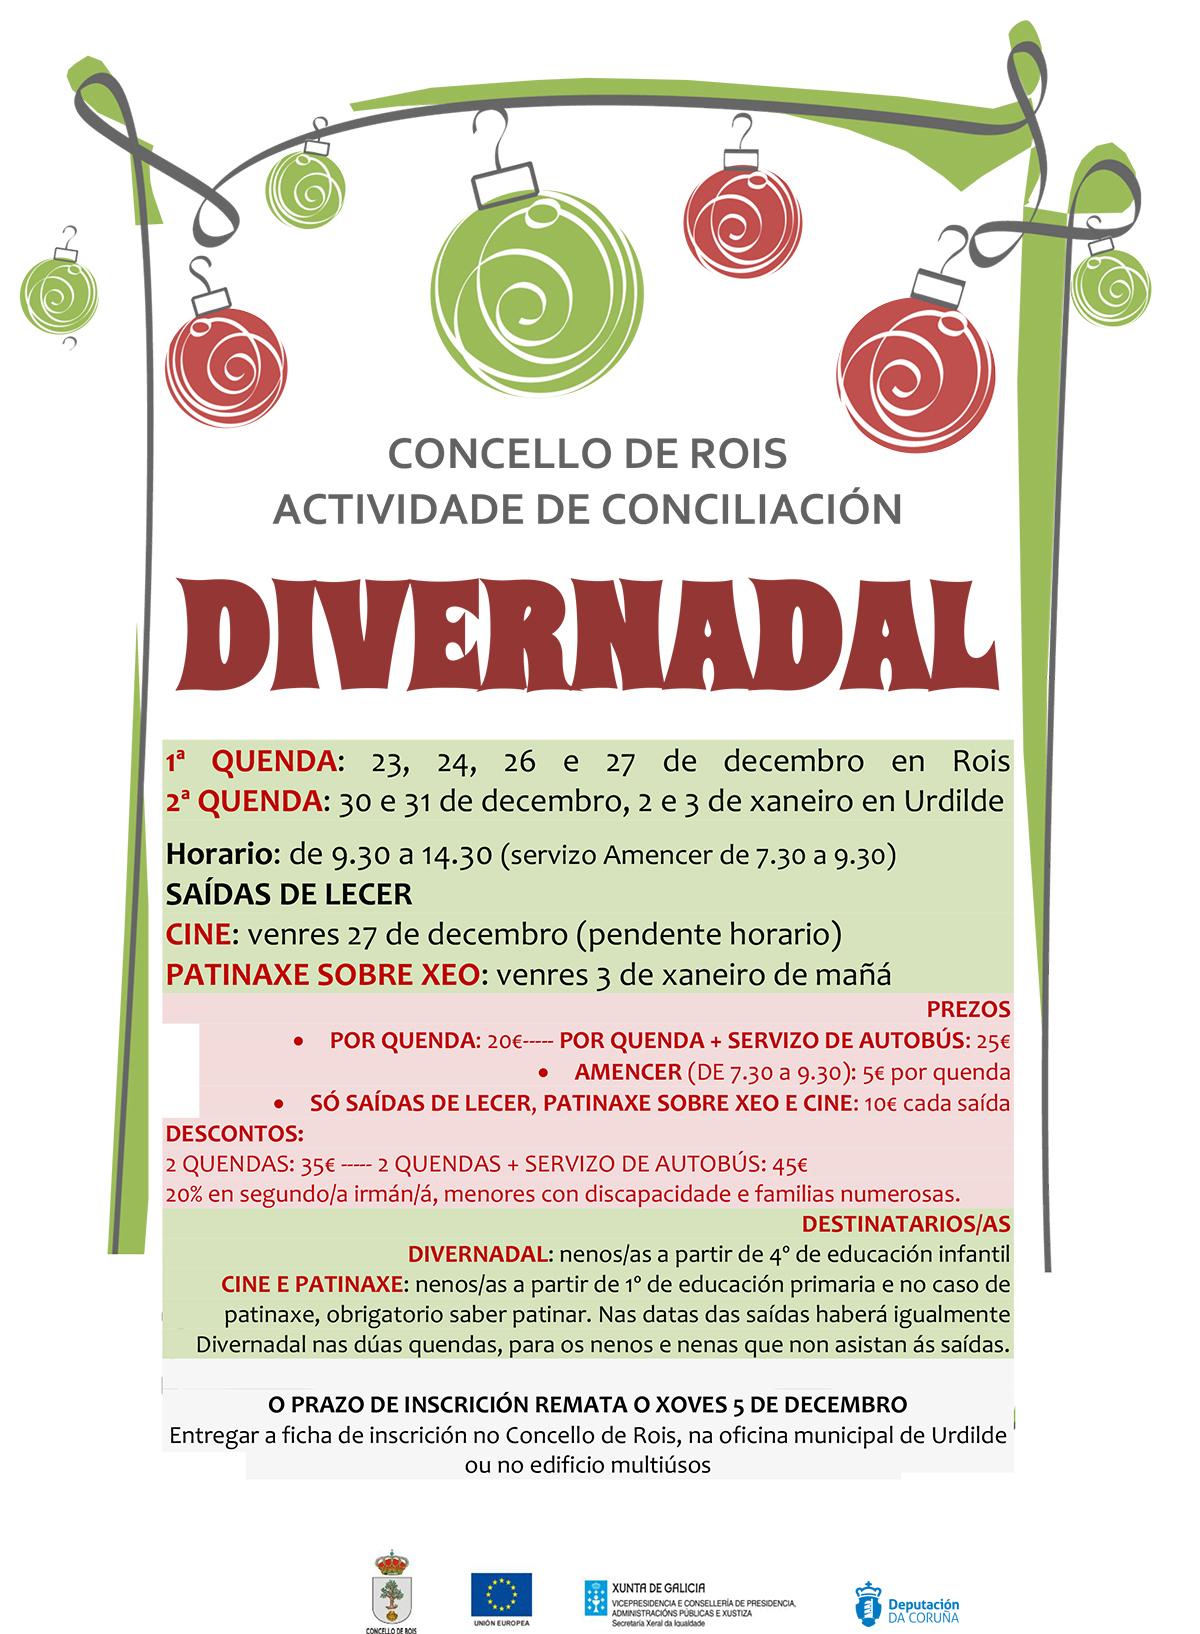 20191125 Cartel Divernadal logos